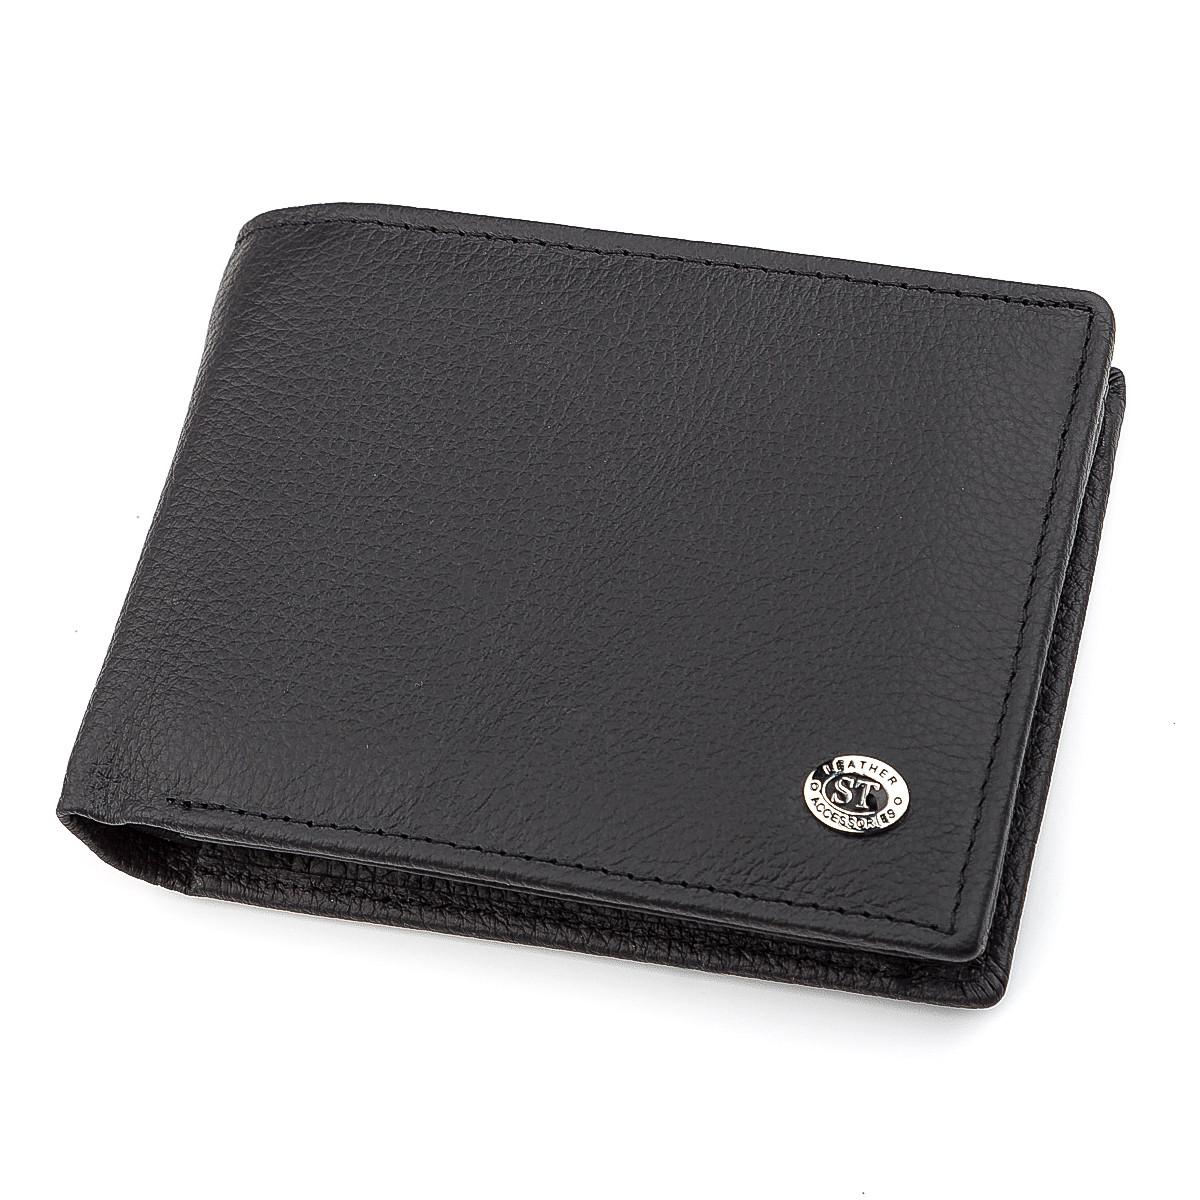 Мужской кошелек ST Leather 17927 (ST108) из натуральной кожи Черный